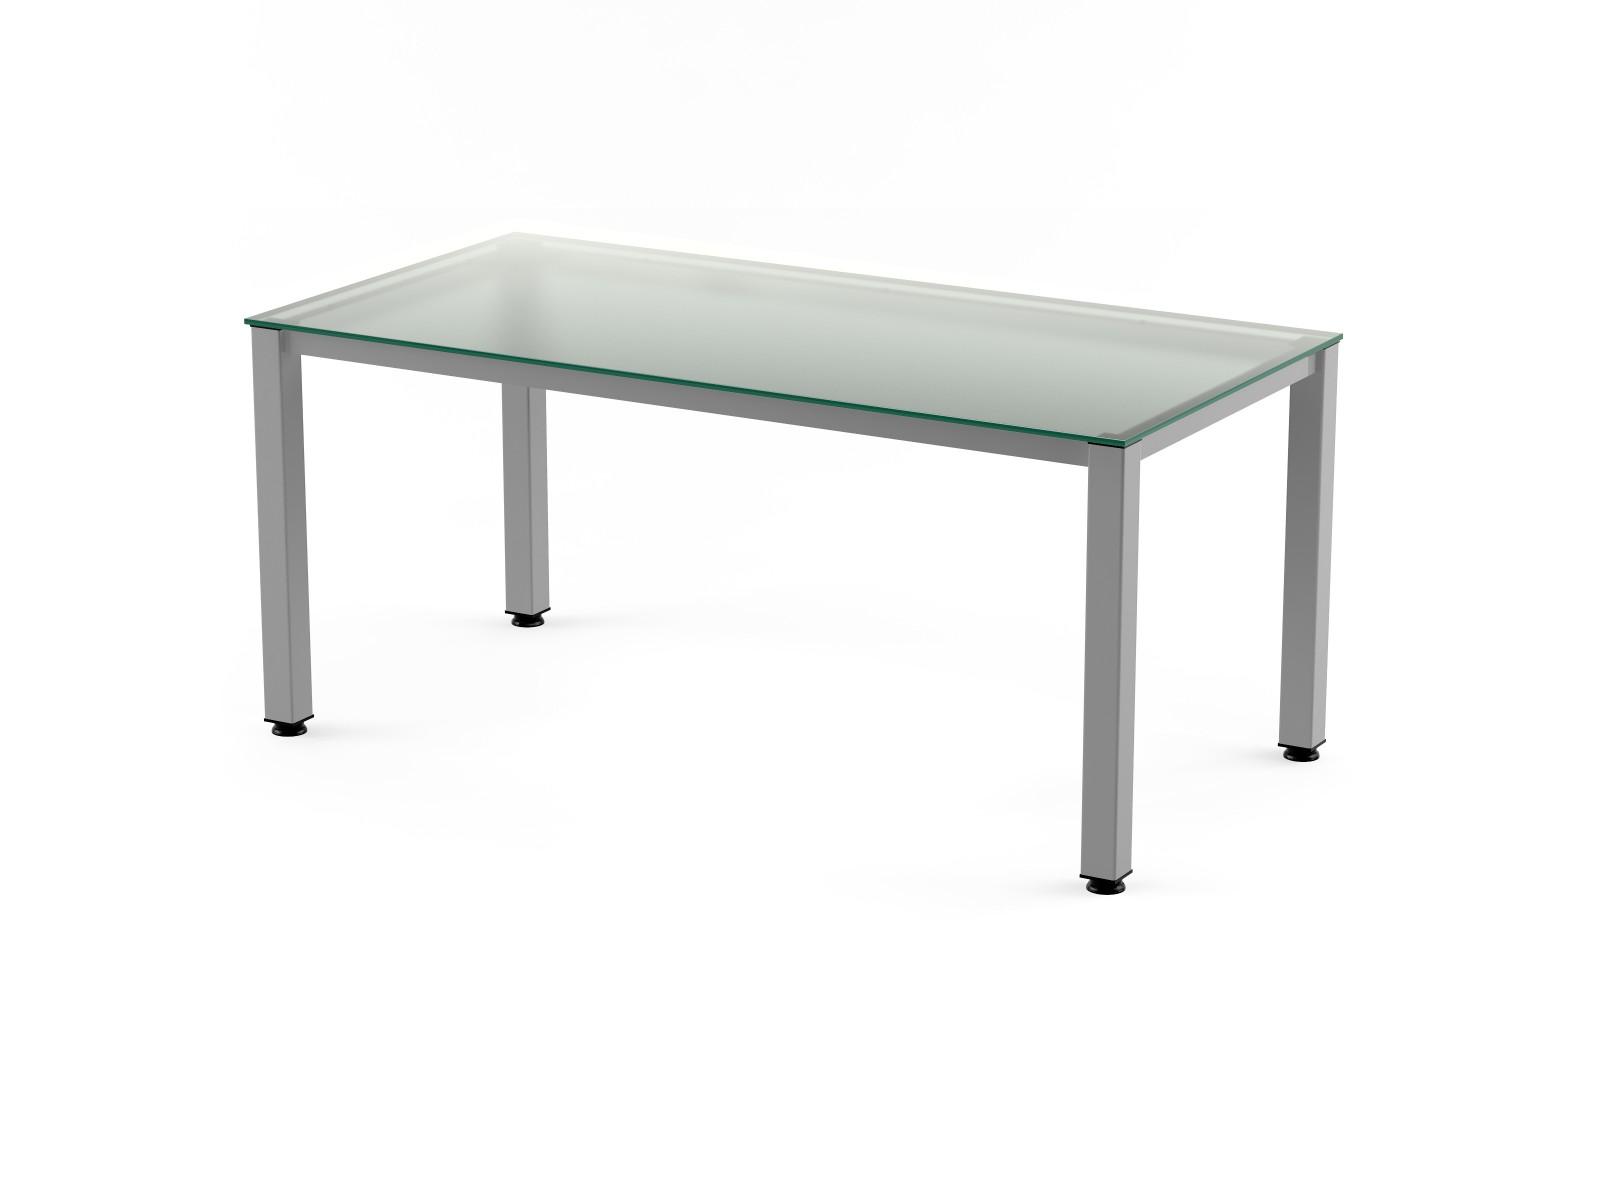 Mesa de oficina cromada y tablero de cristal   muebles de oficina